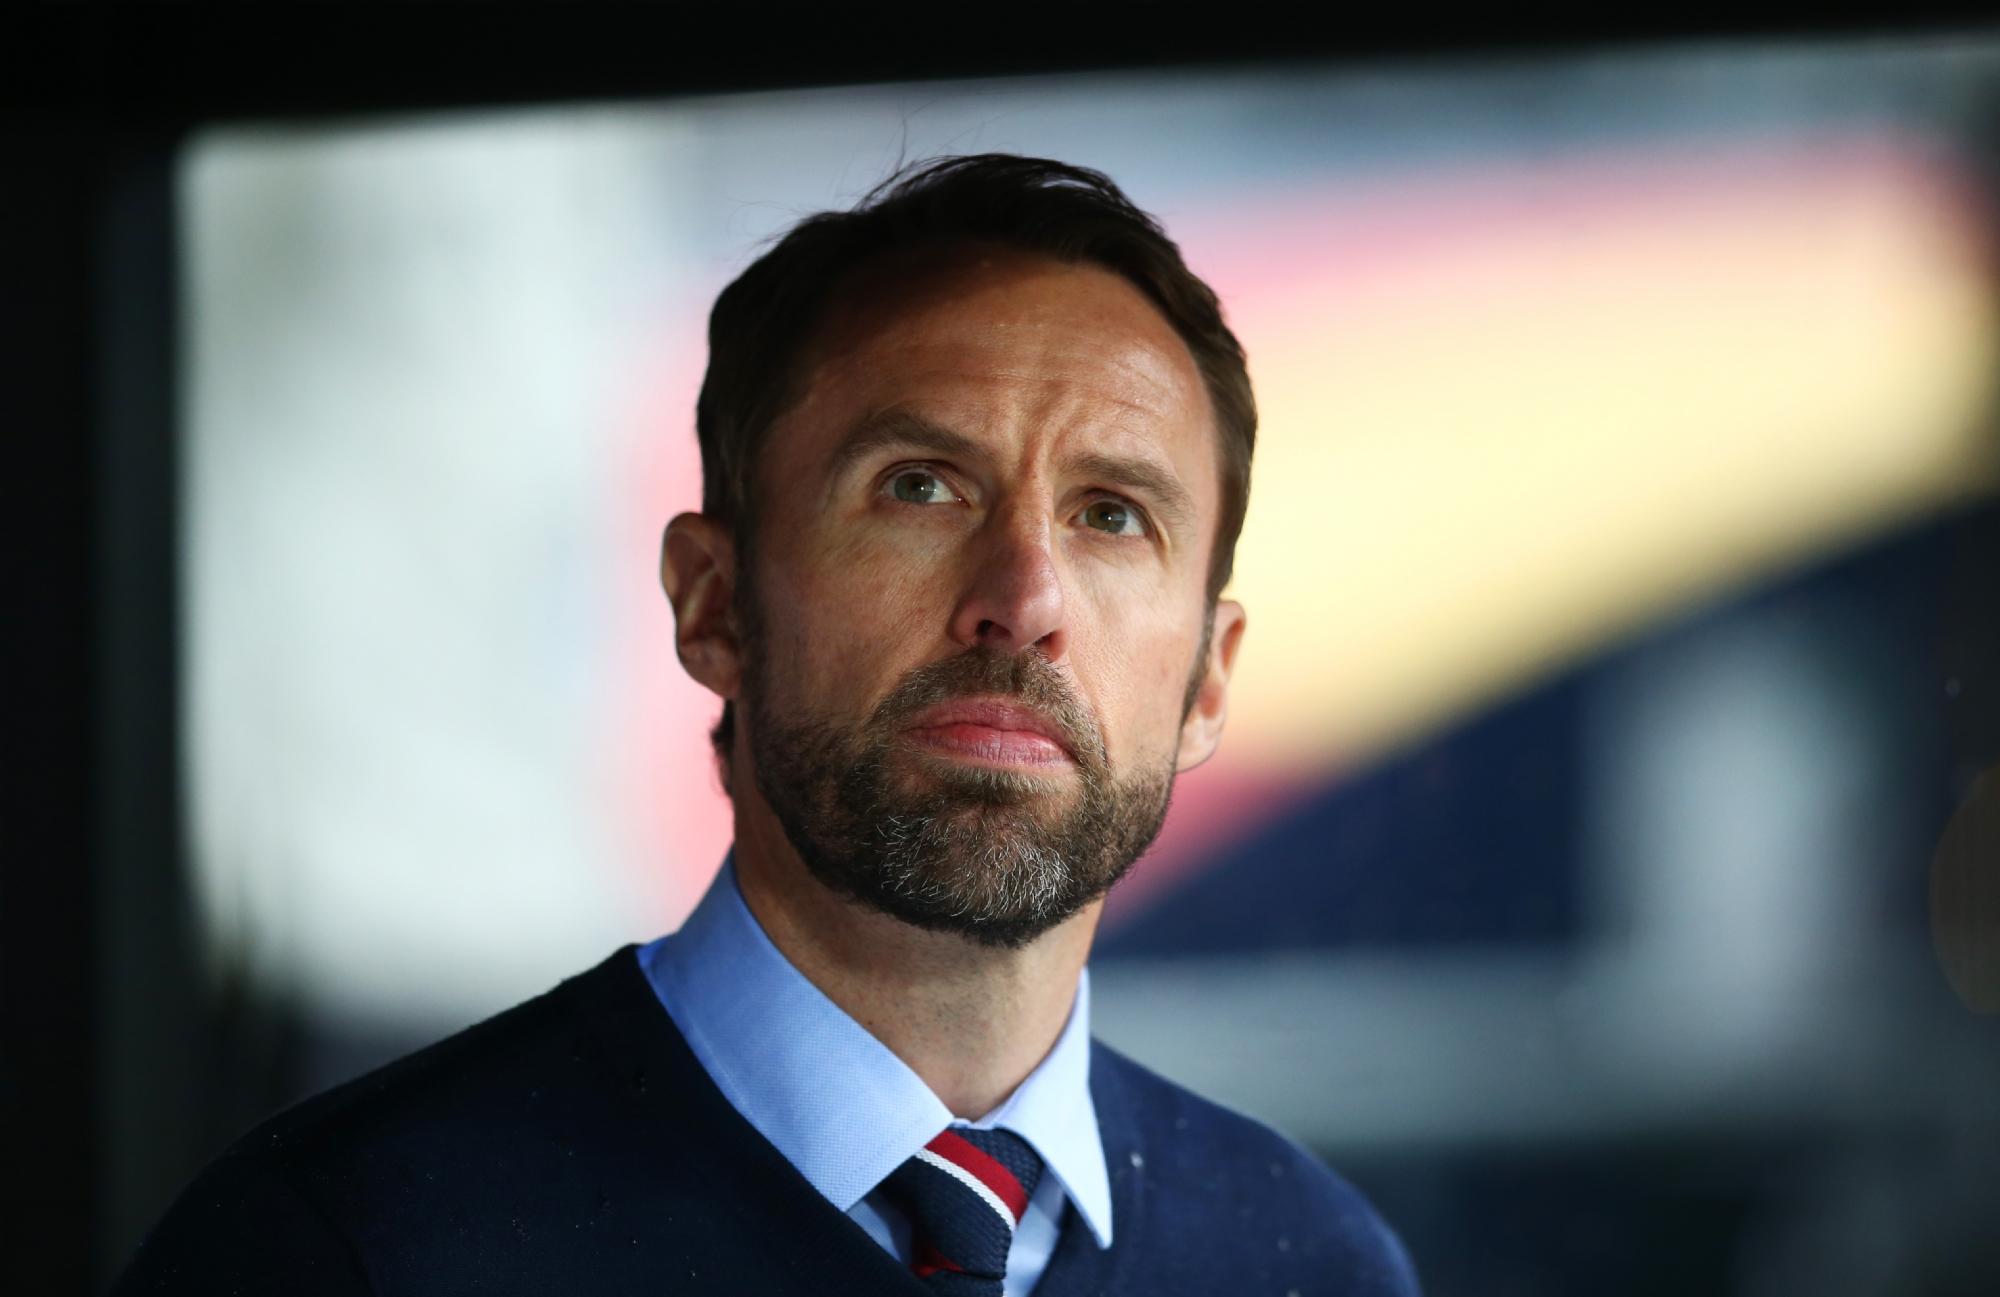 Engeland raakt man van 55 miljoen mogelijk kwijt door interlandcarrièreswitch - Voetbalzone.nl